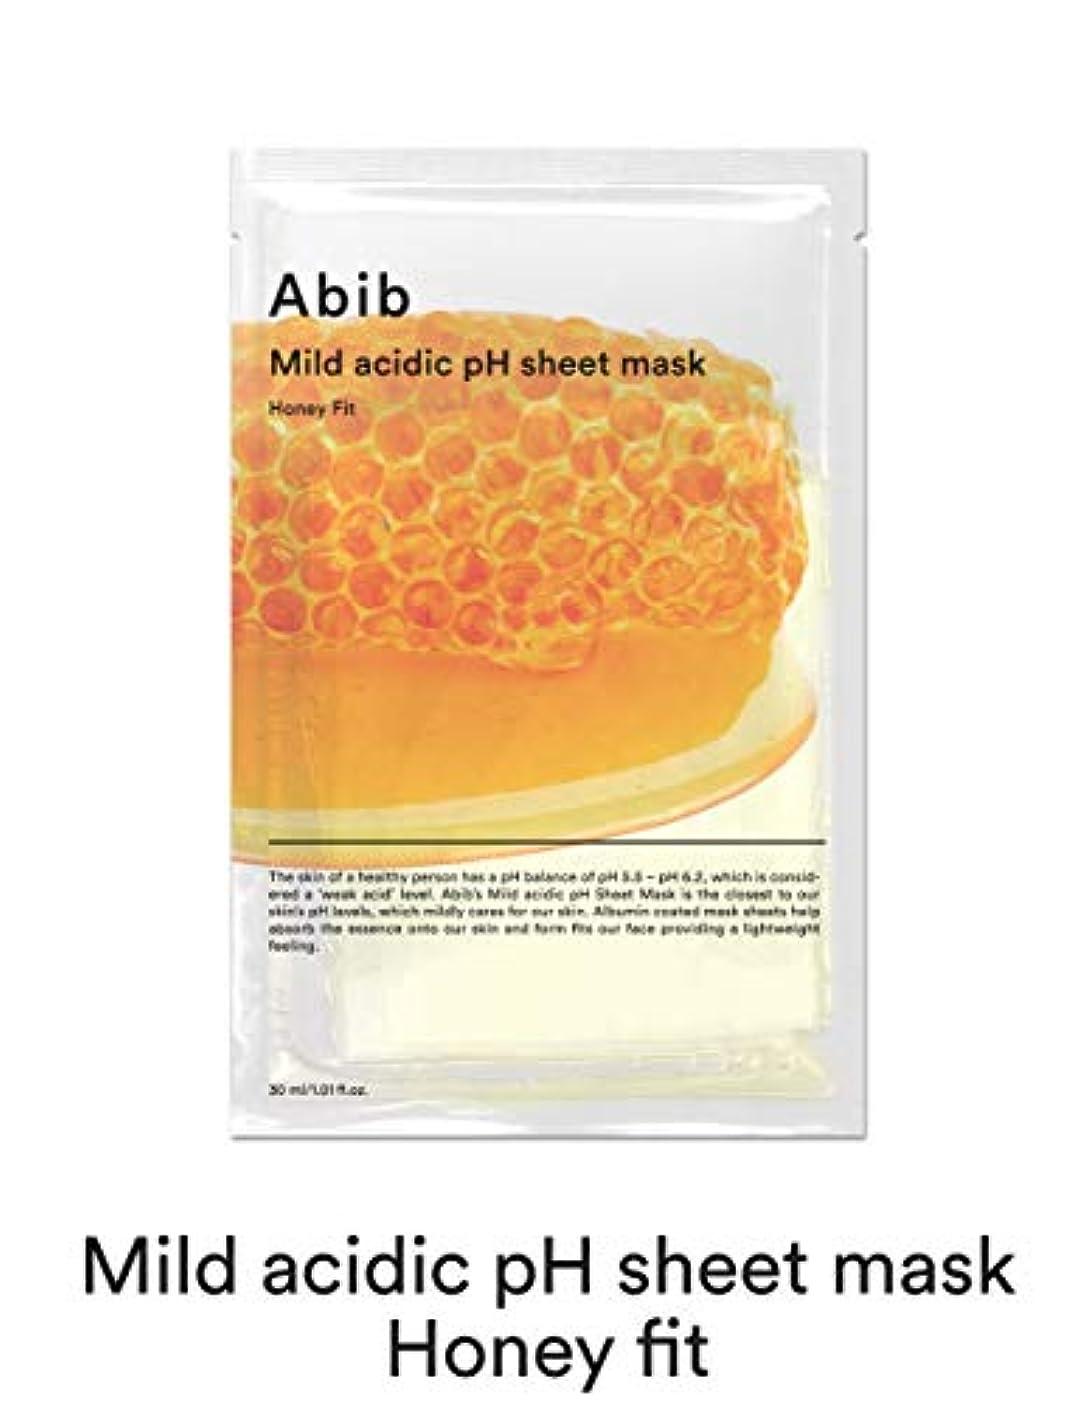 存在する戦う南西[Abib] アビブ弱酸性pHシートマスクハニーフィット 30mlx10枚 / ABIB MILD ACIDIC pH SHEET MASK HONEY FIT 30mlx10EA [並行輸入品]